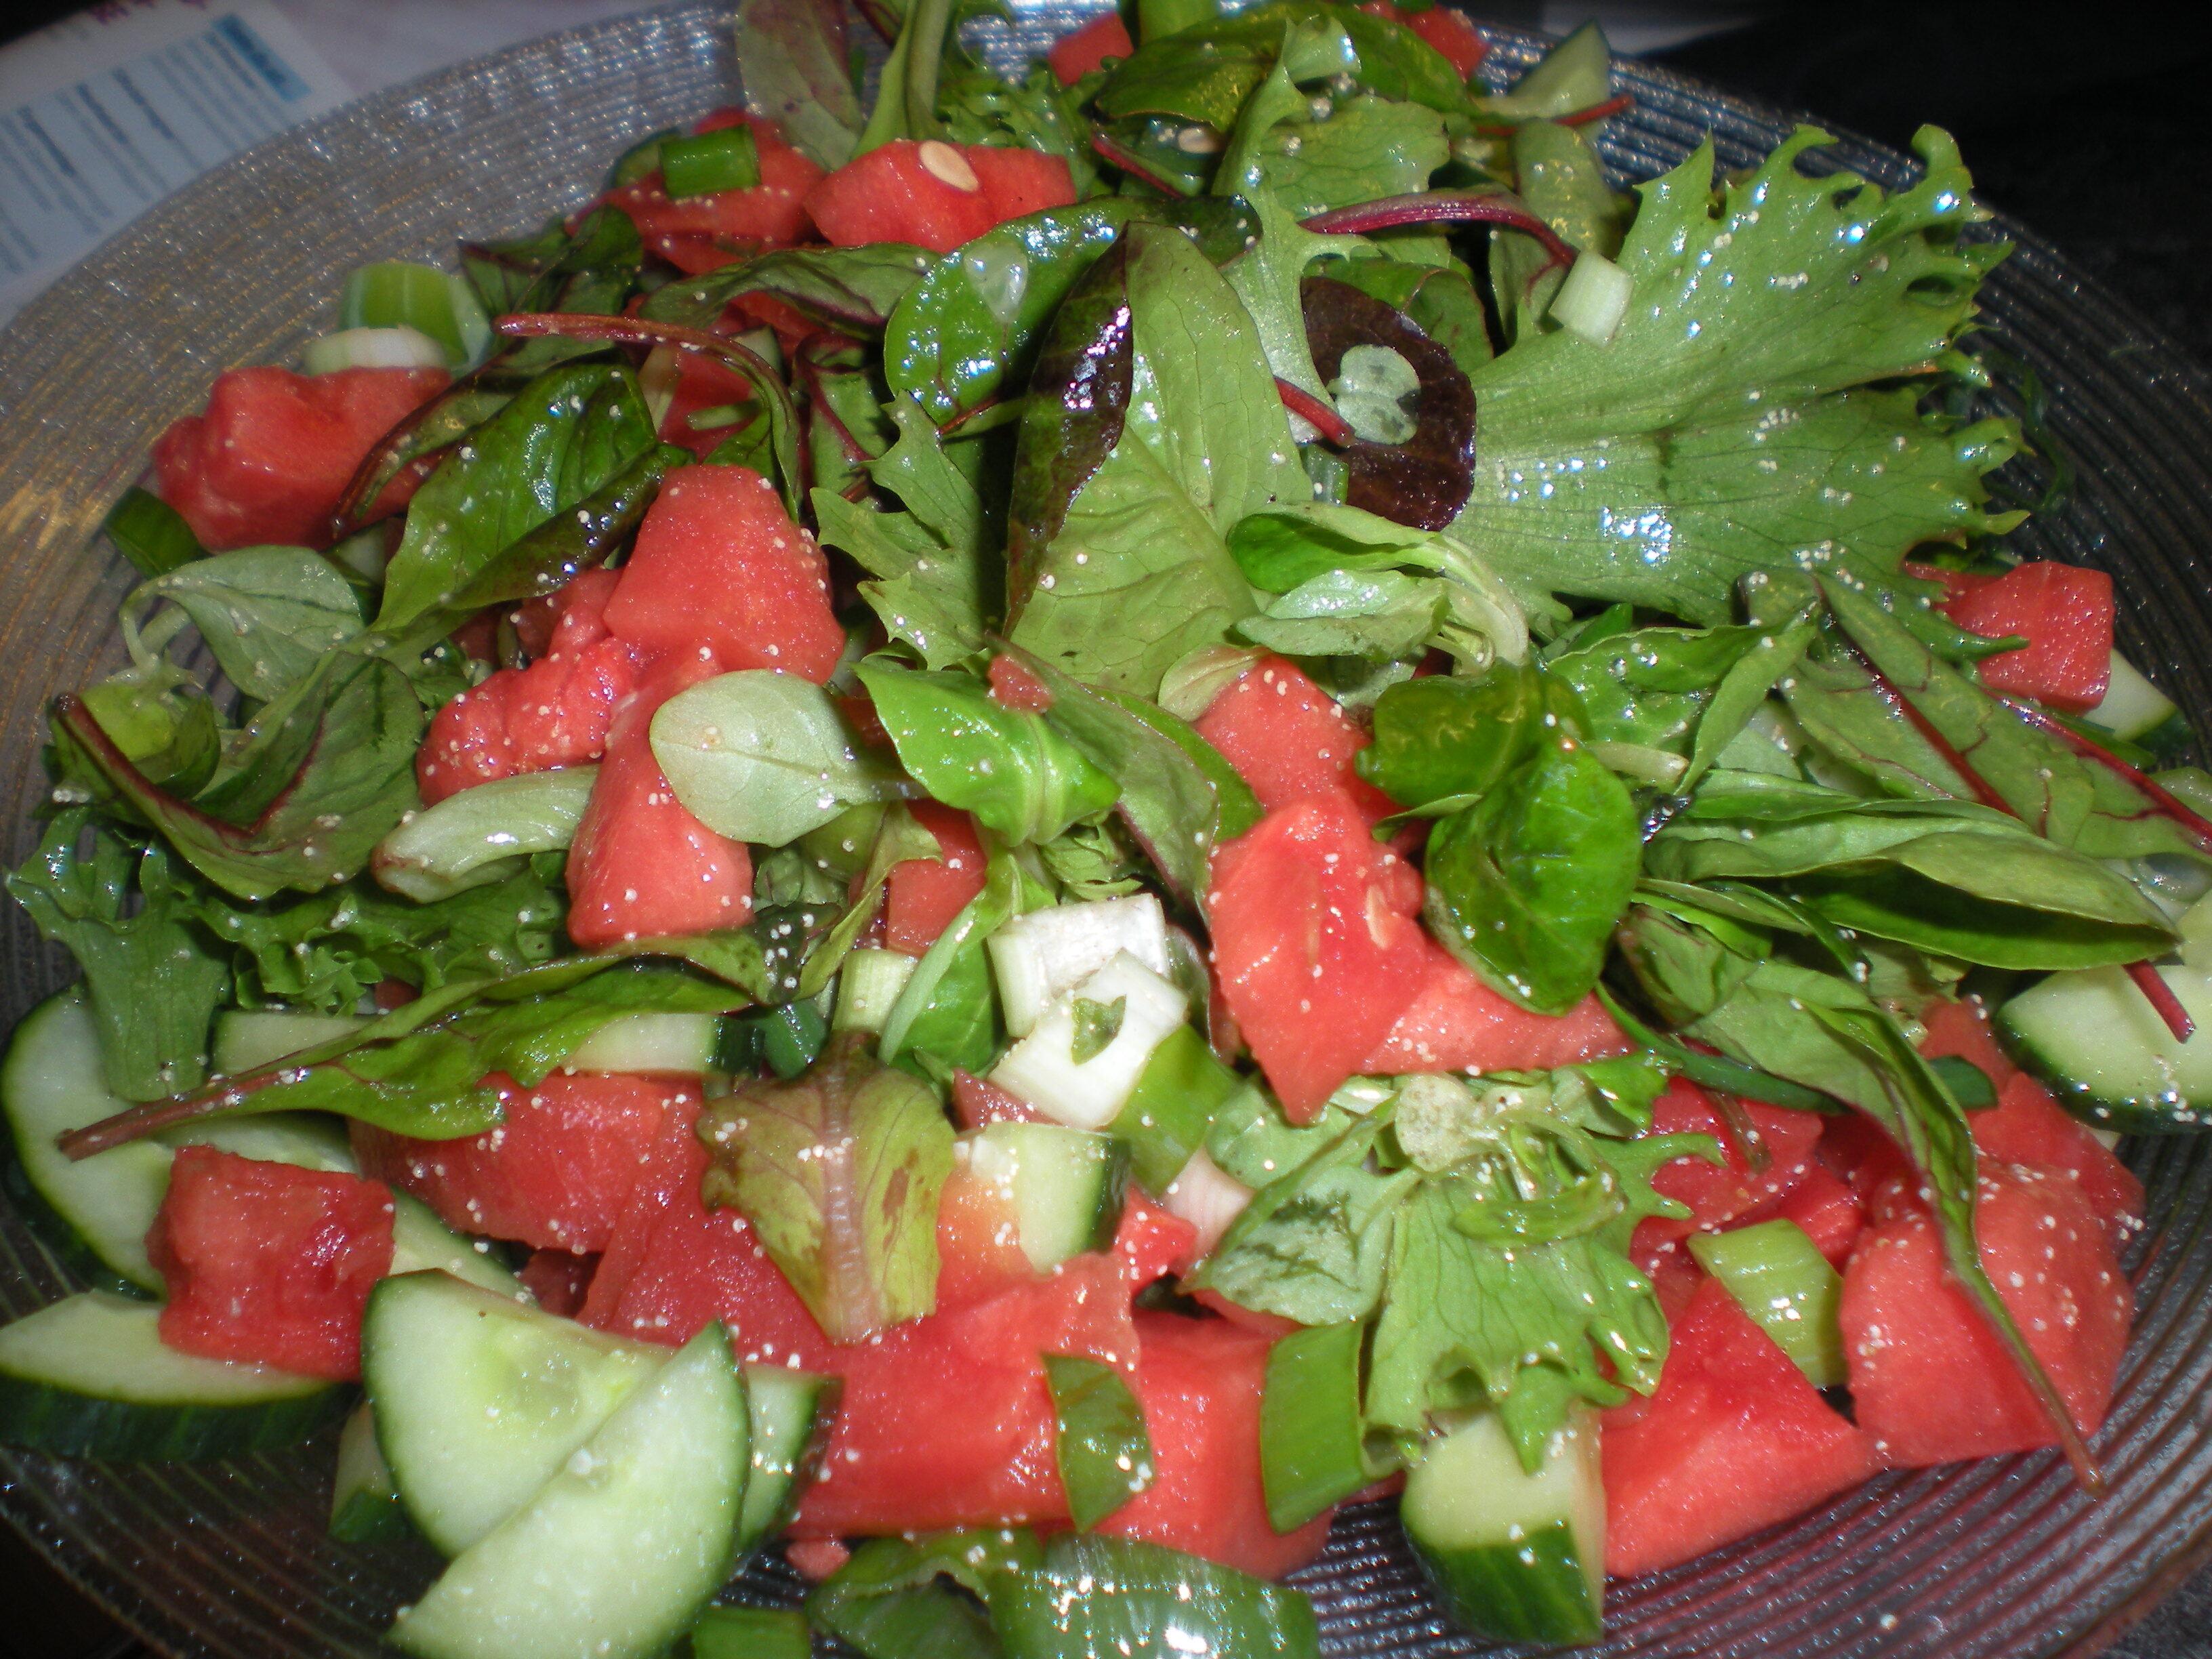 grillad melon